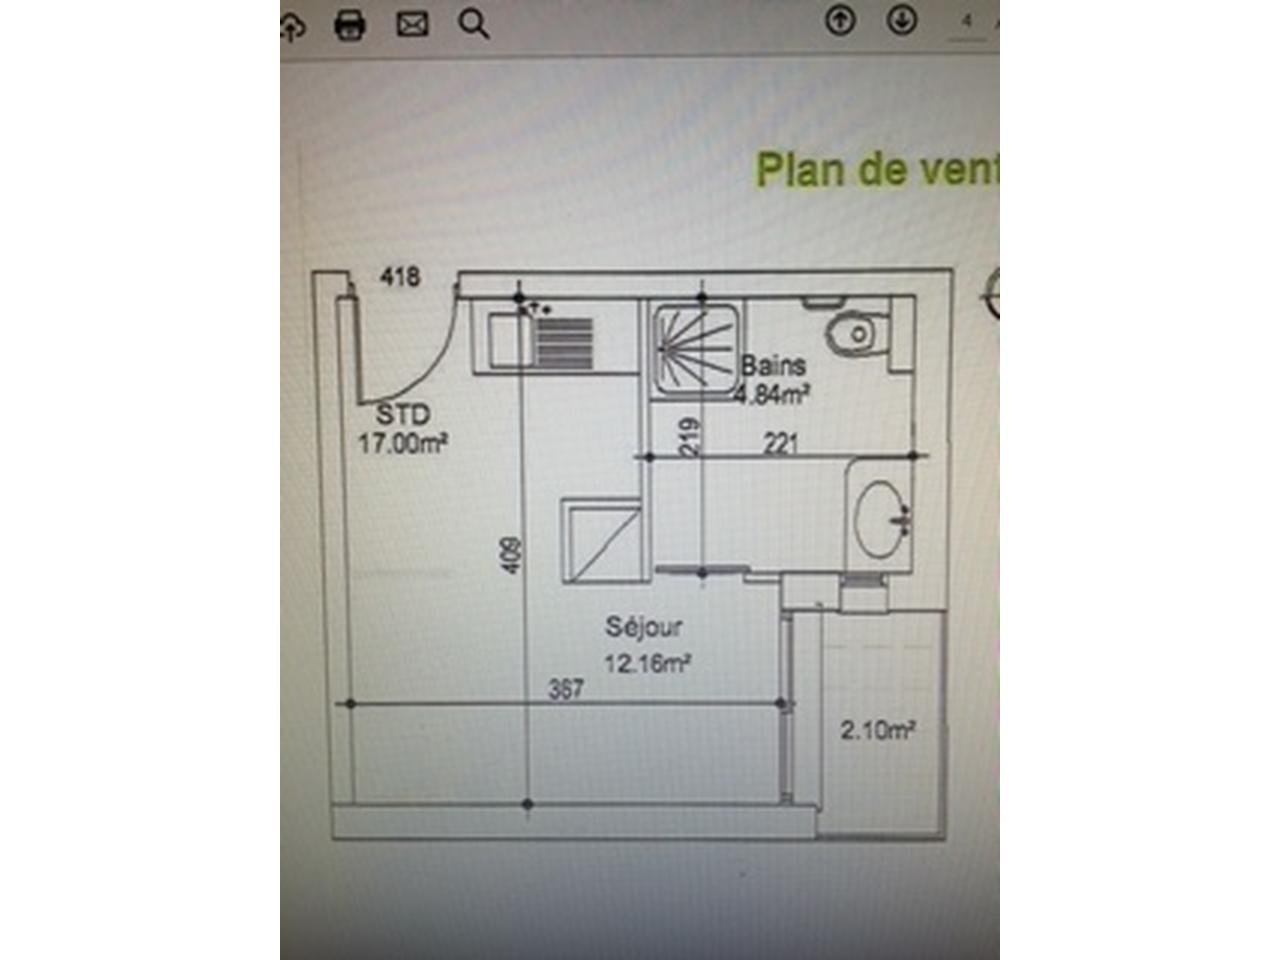 St jean d'angely : résidence 2013  , studio  17 m²   , balcon , idéal investisseur